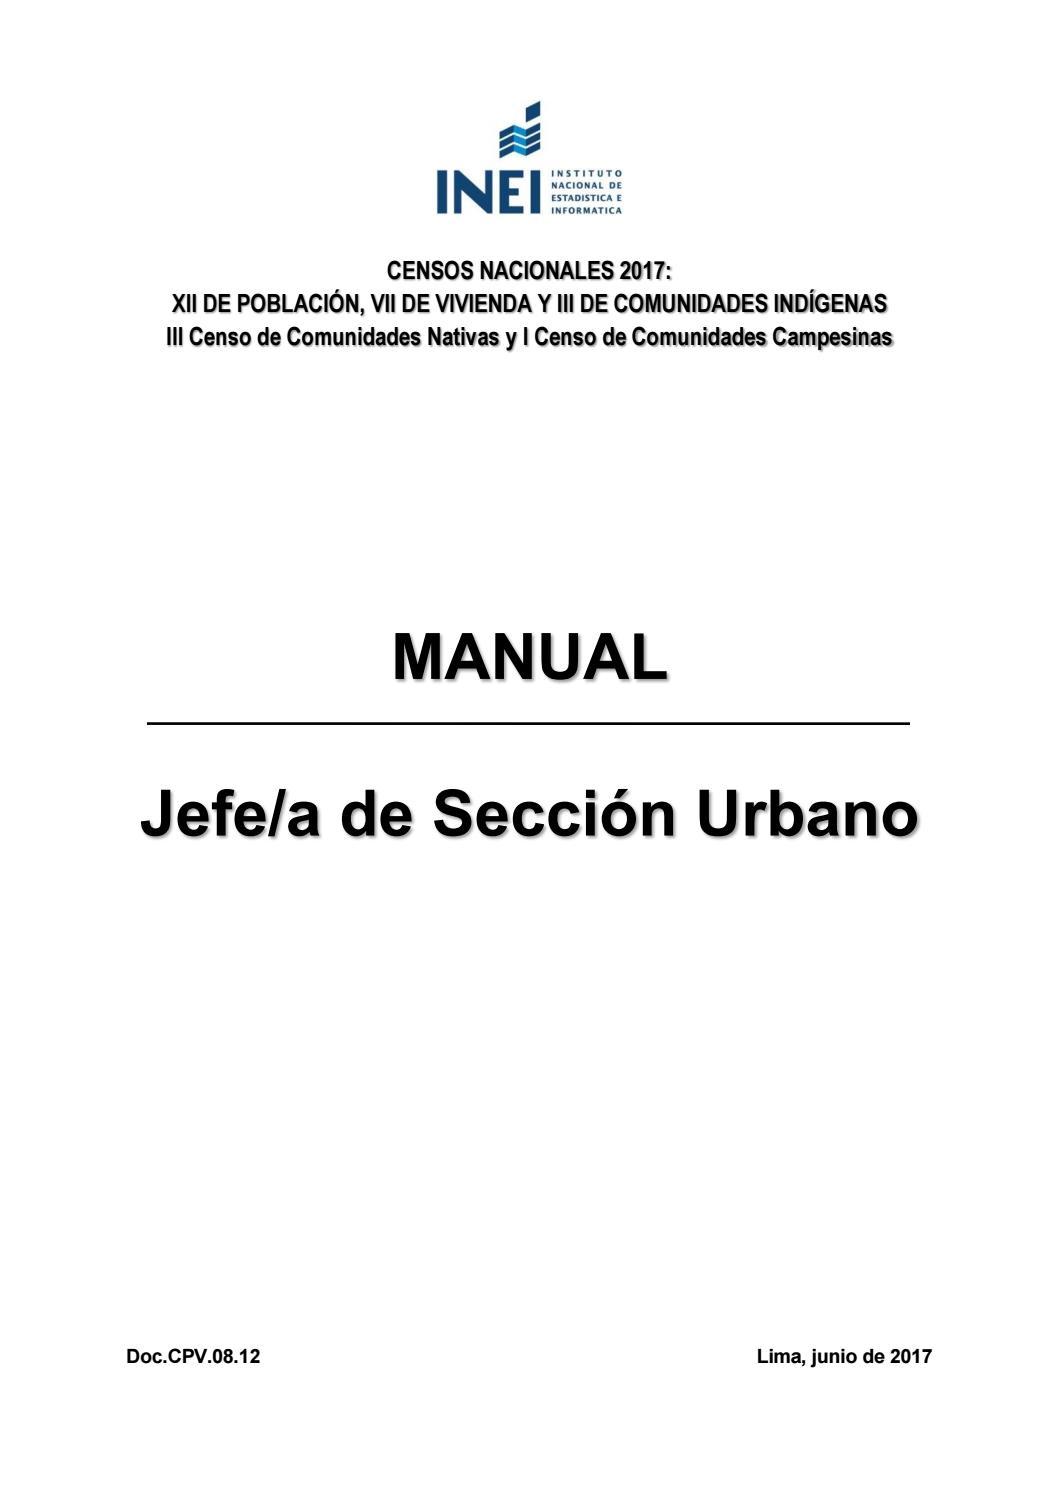 Manual jefe seccion urbano by MARISOL GOMEZ - issuu